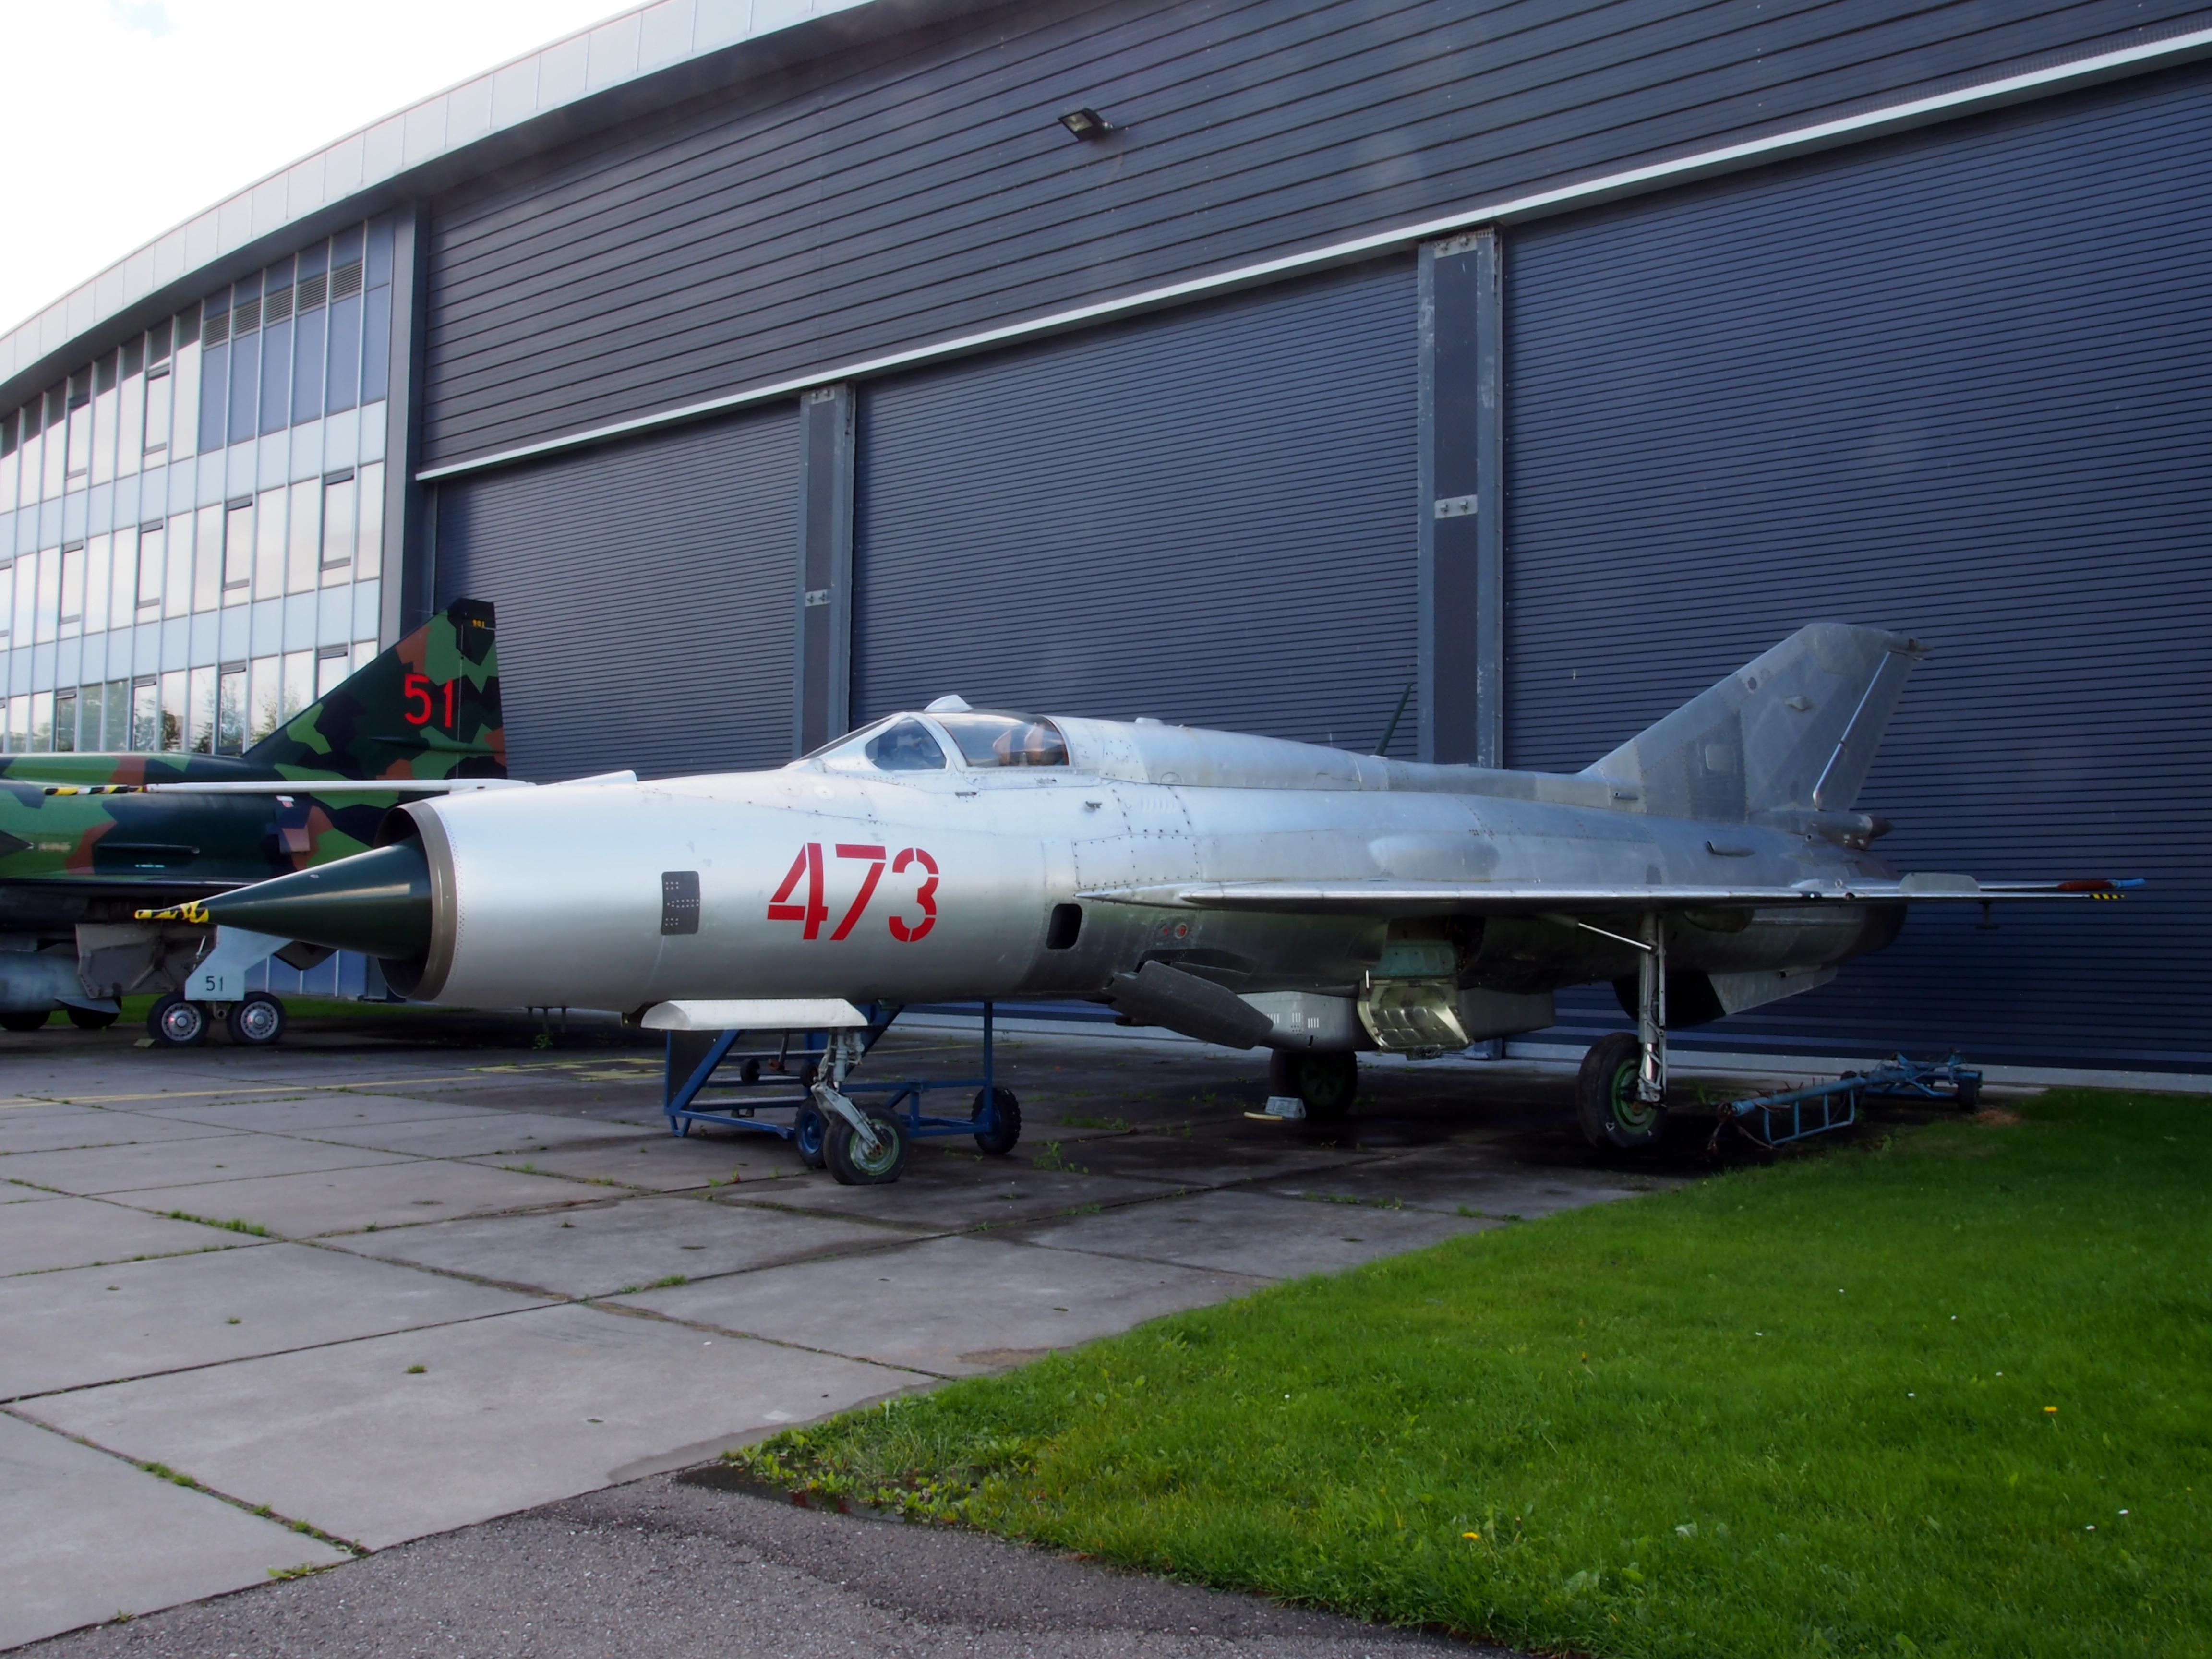 File:MiG-21 no 473.JPG